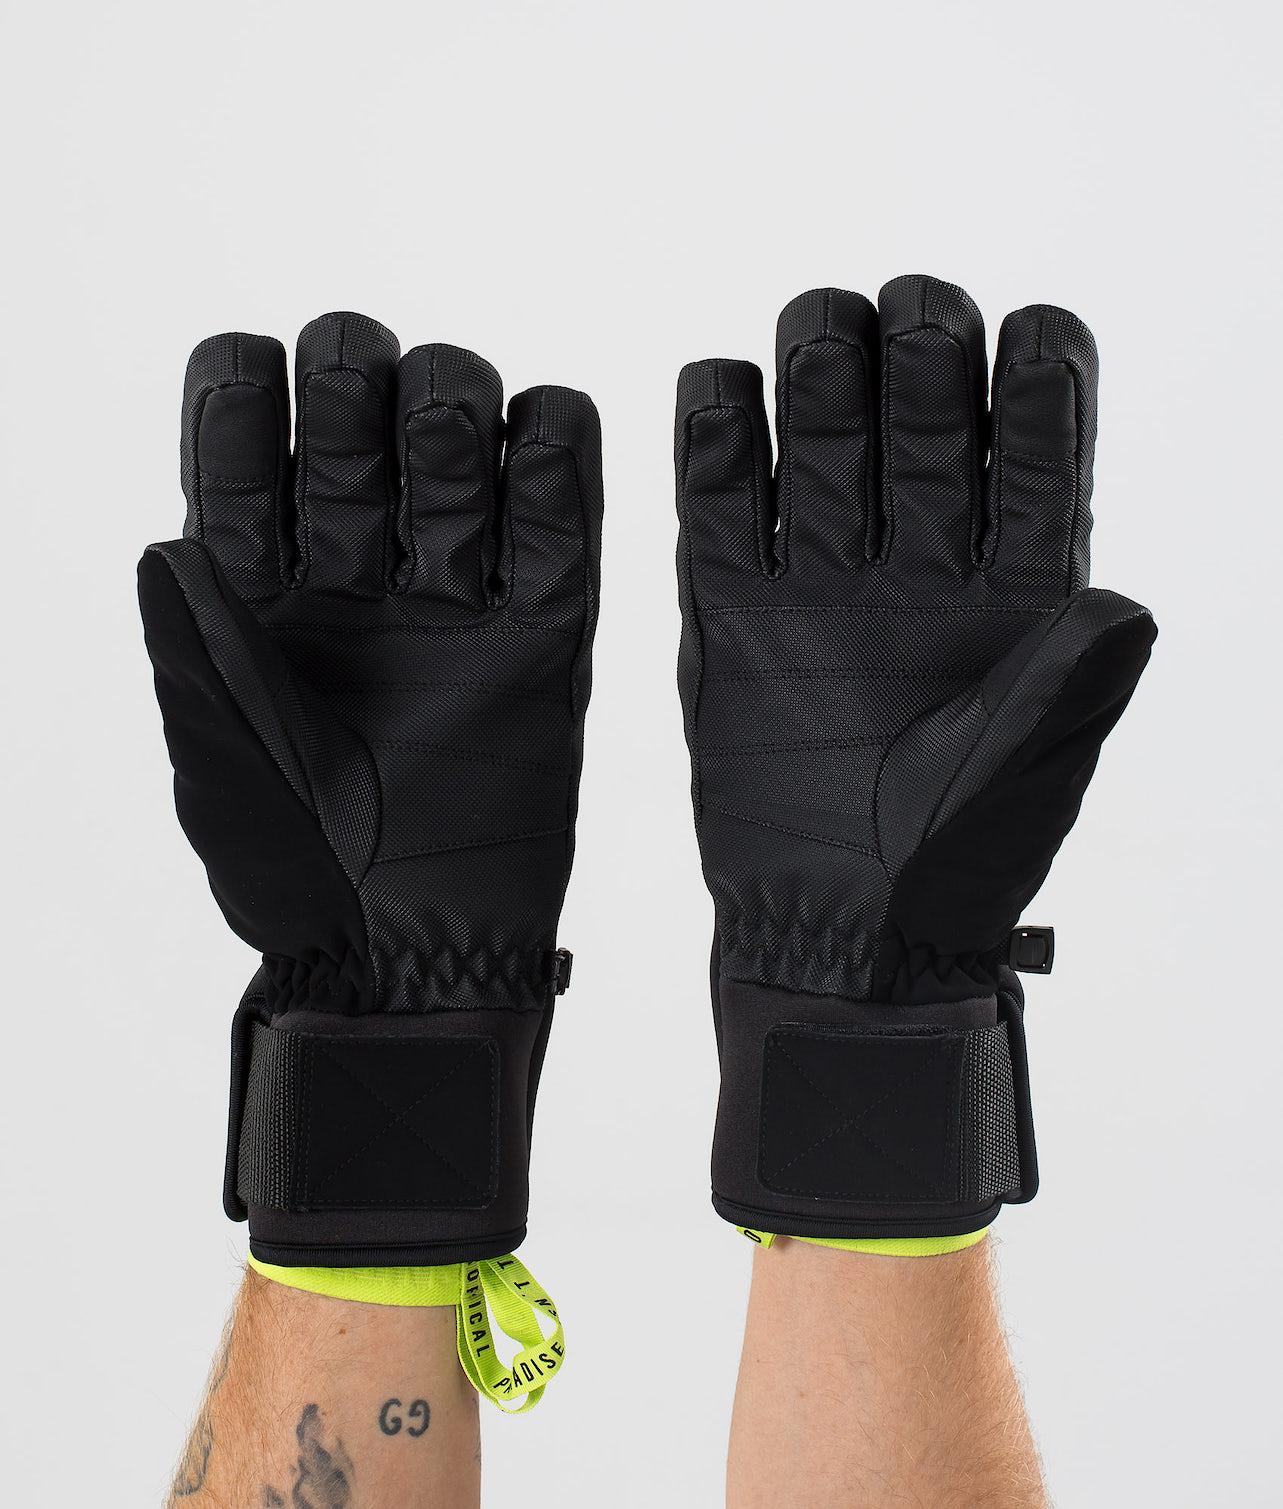 Kjøp Ace Glove Skihansker fra Dope på Ridestore.no - Hos oss har du alltid fri frakt, fri retur og 30 dagers åpent kjøp!